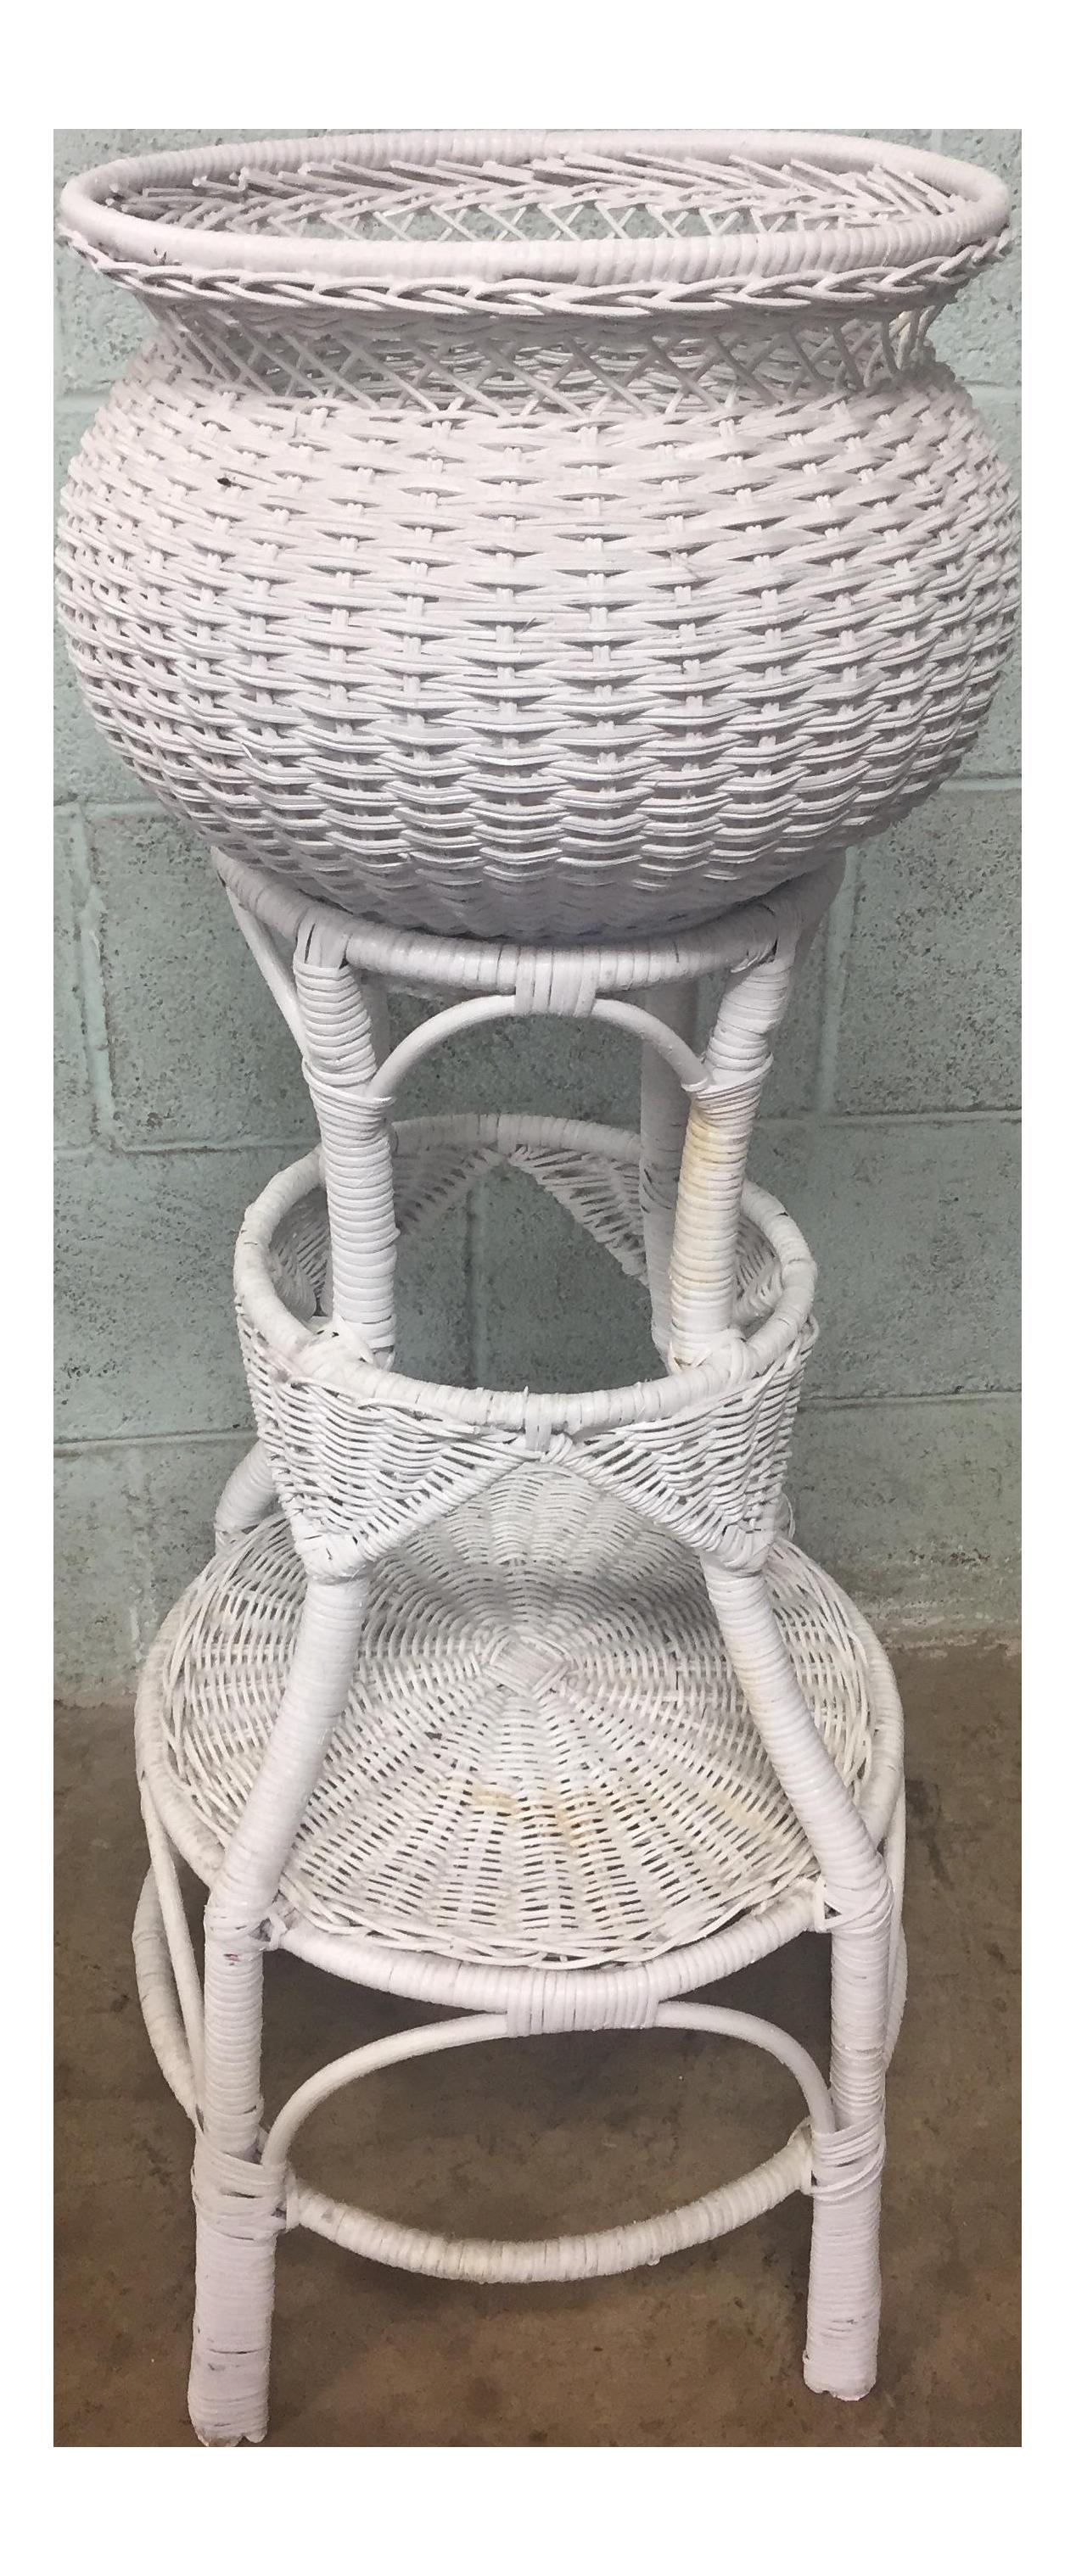 Vintage White Wicker Plant Stand Chairish